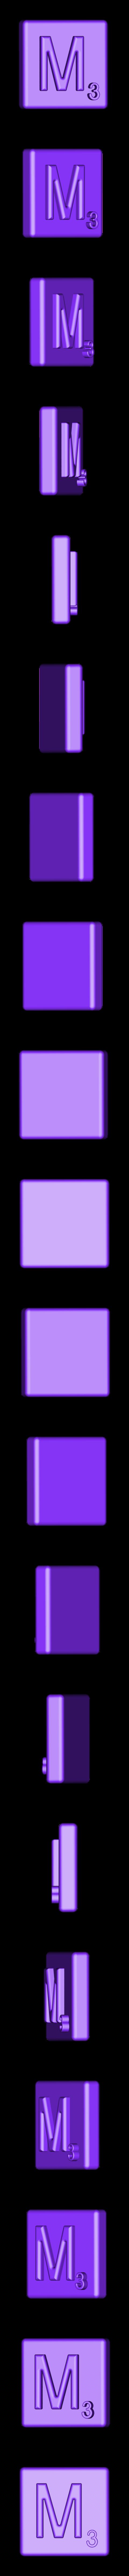 Single_Extruded_M.STL Télécharger fichier STL gratuit Pièces et support SCRABBBLE • Design pour imprimante 3D, Balkhagal4D